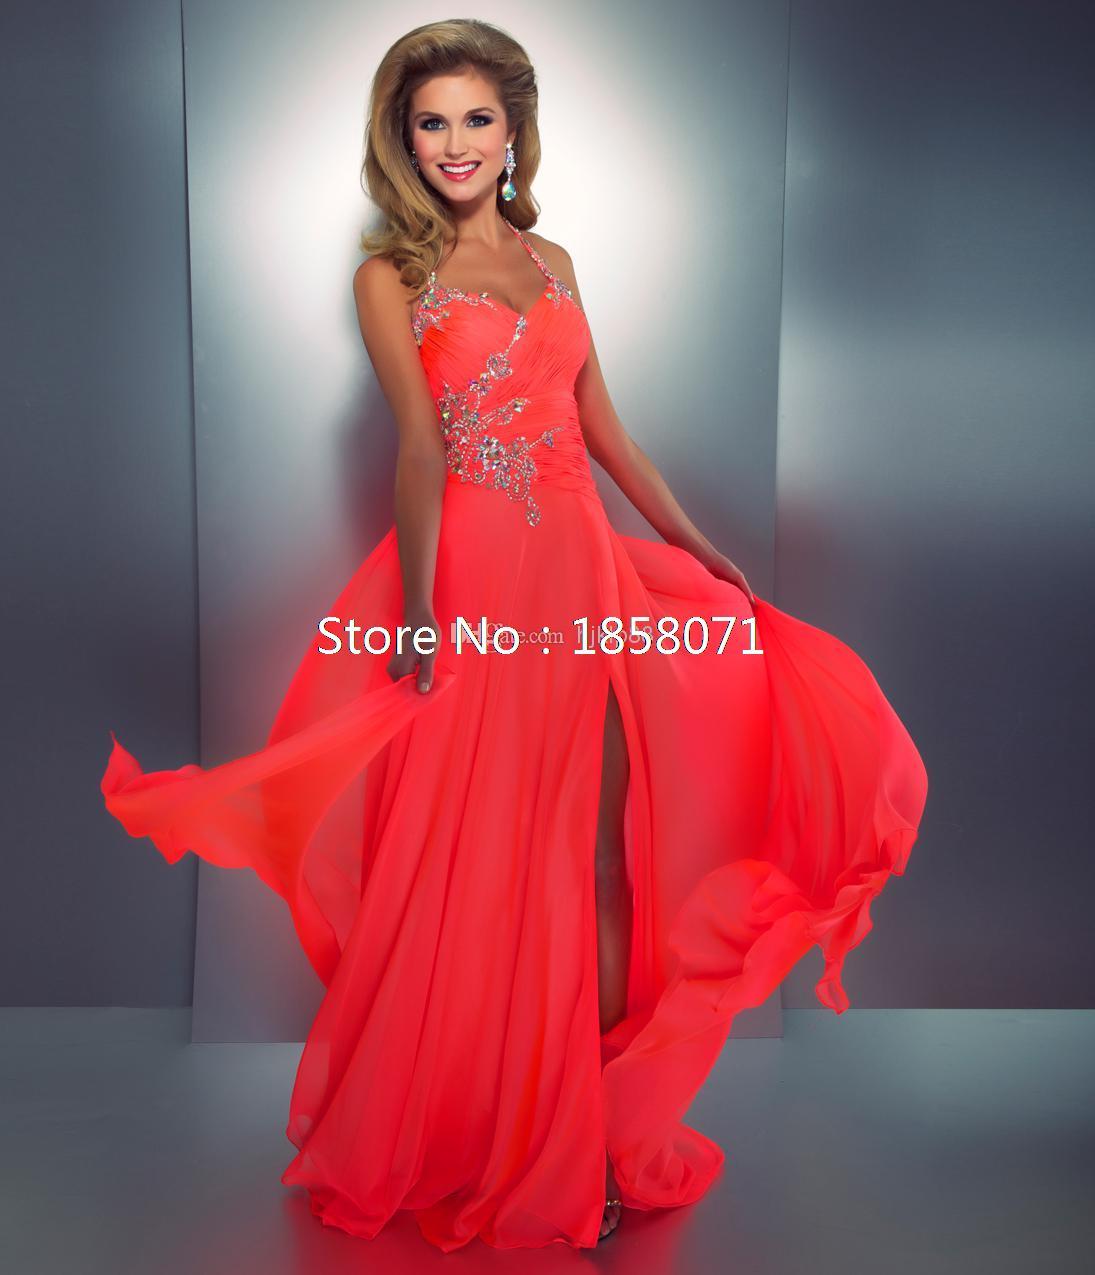 2015-Coral-Colored-Prom-Dresses-Embellished-Halter-Slit